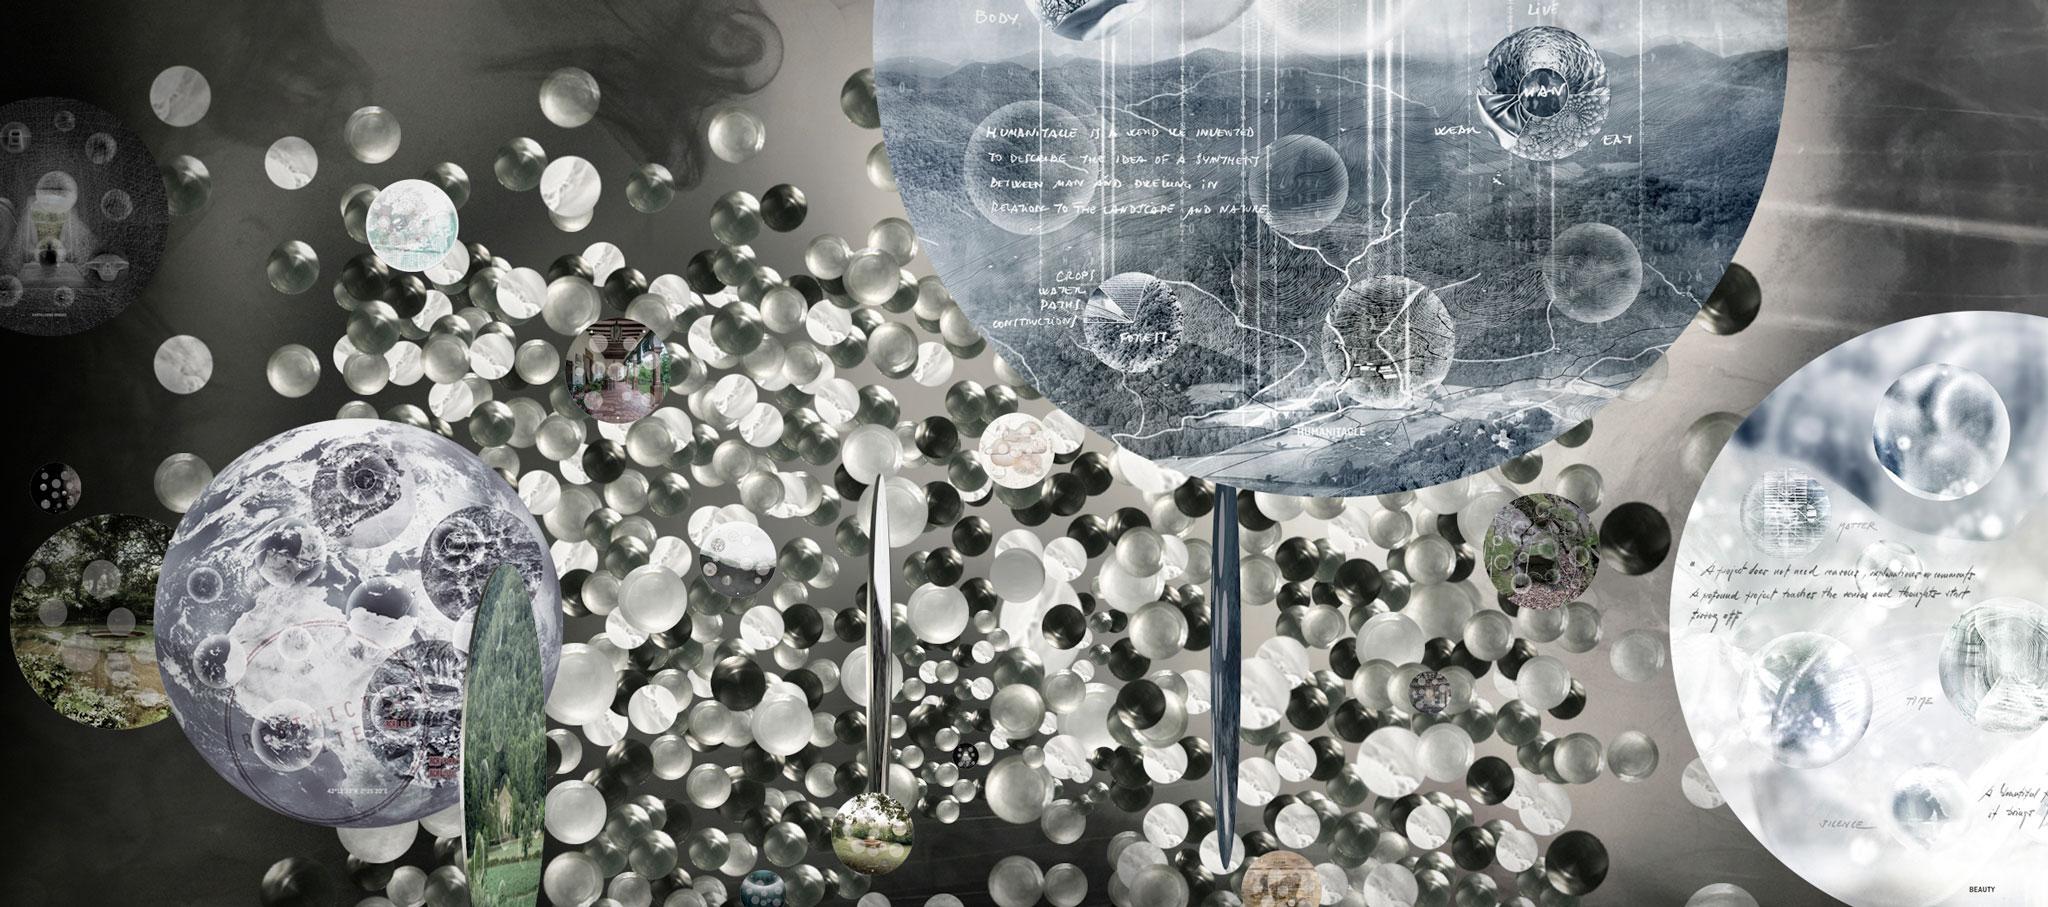 RCR. The dream_Catalonia_in_VEnice_The_space_2018. Imagen © RCR Arquitectes